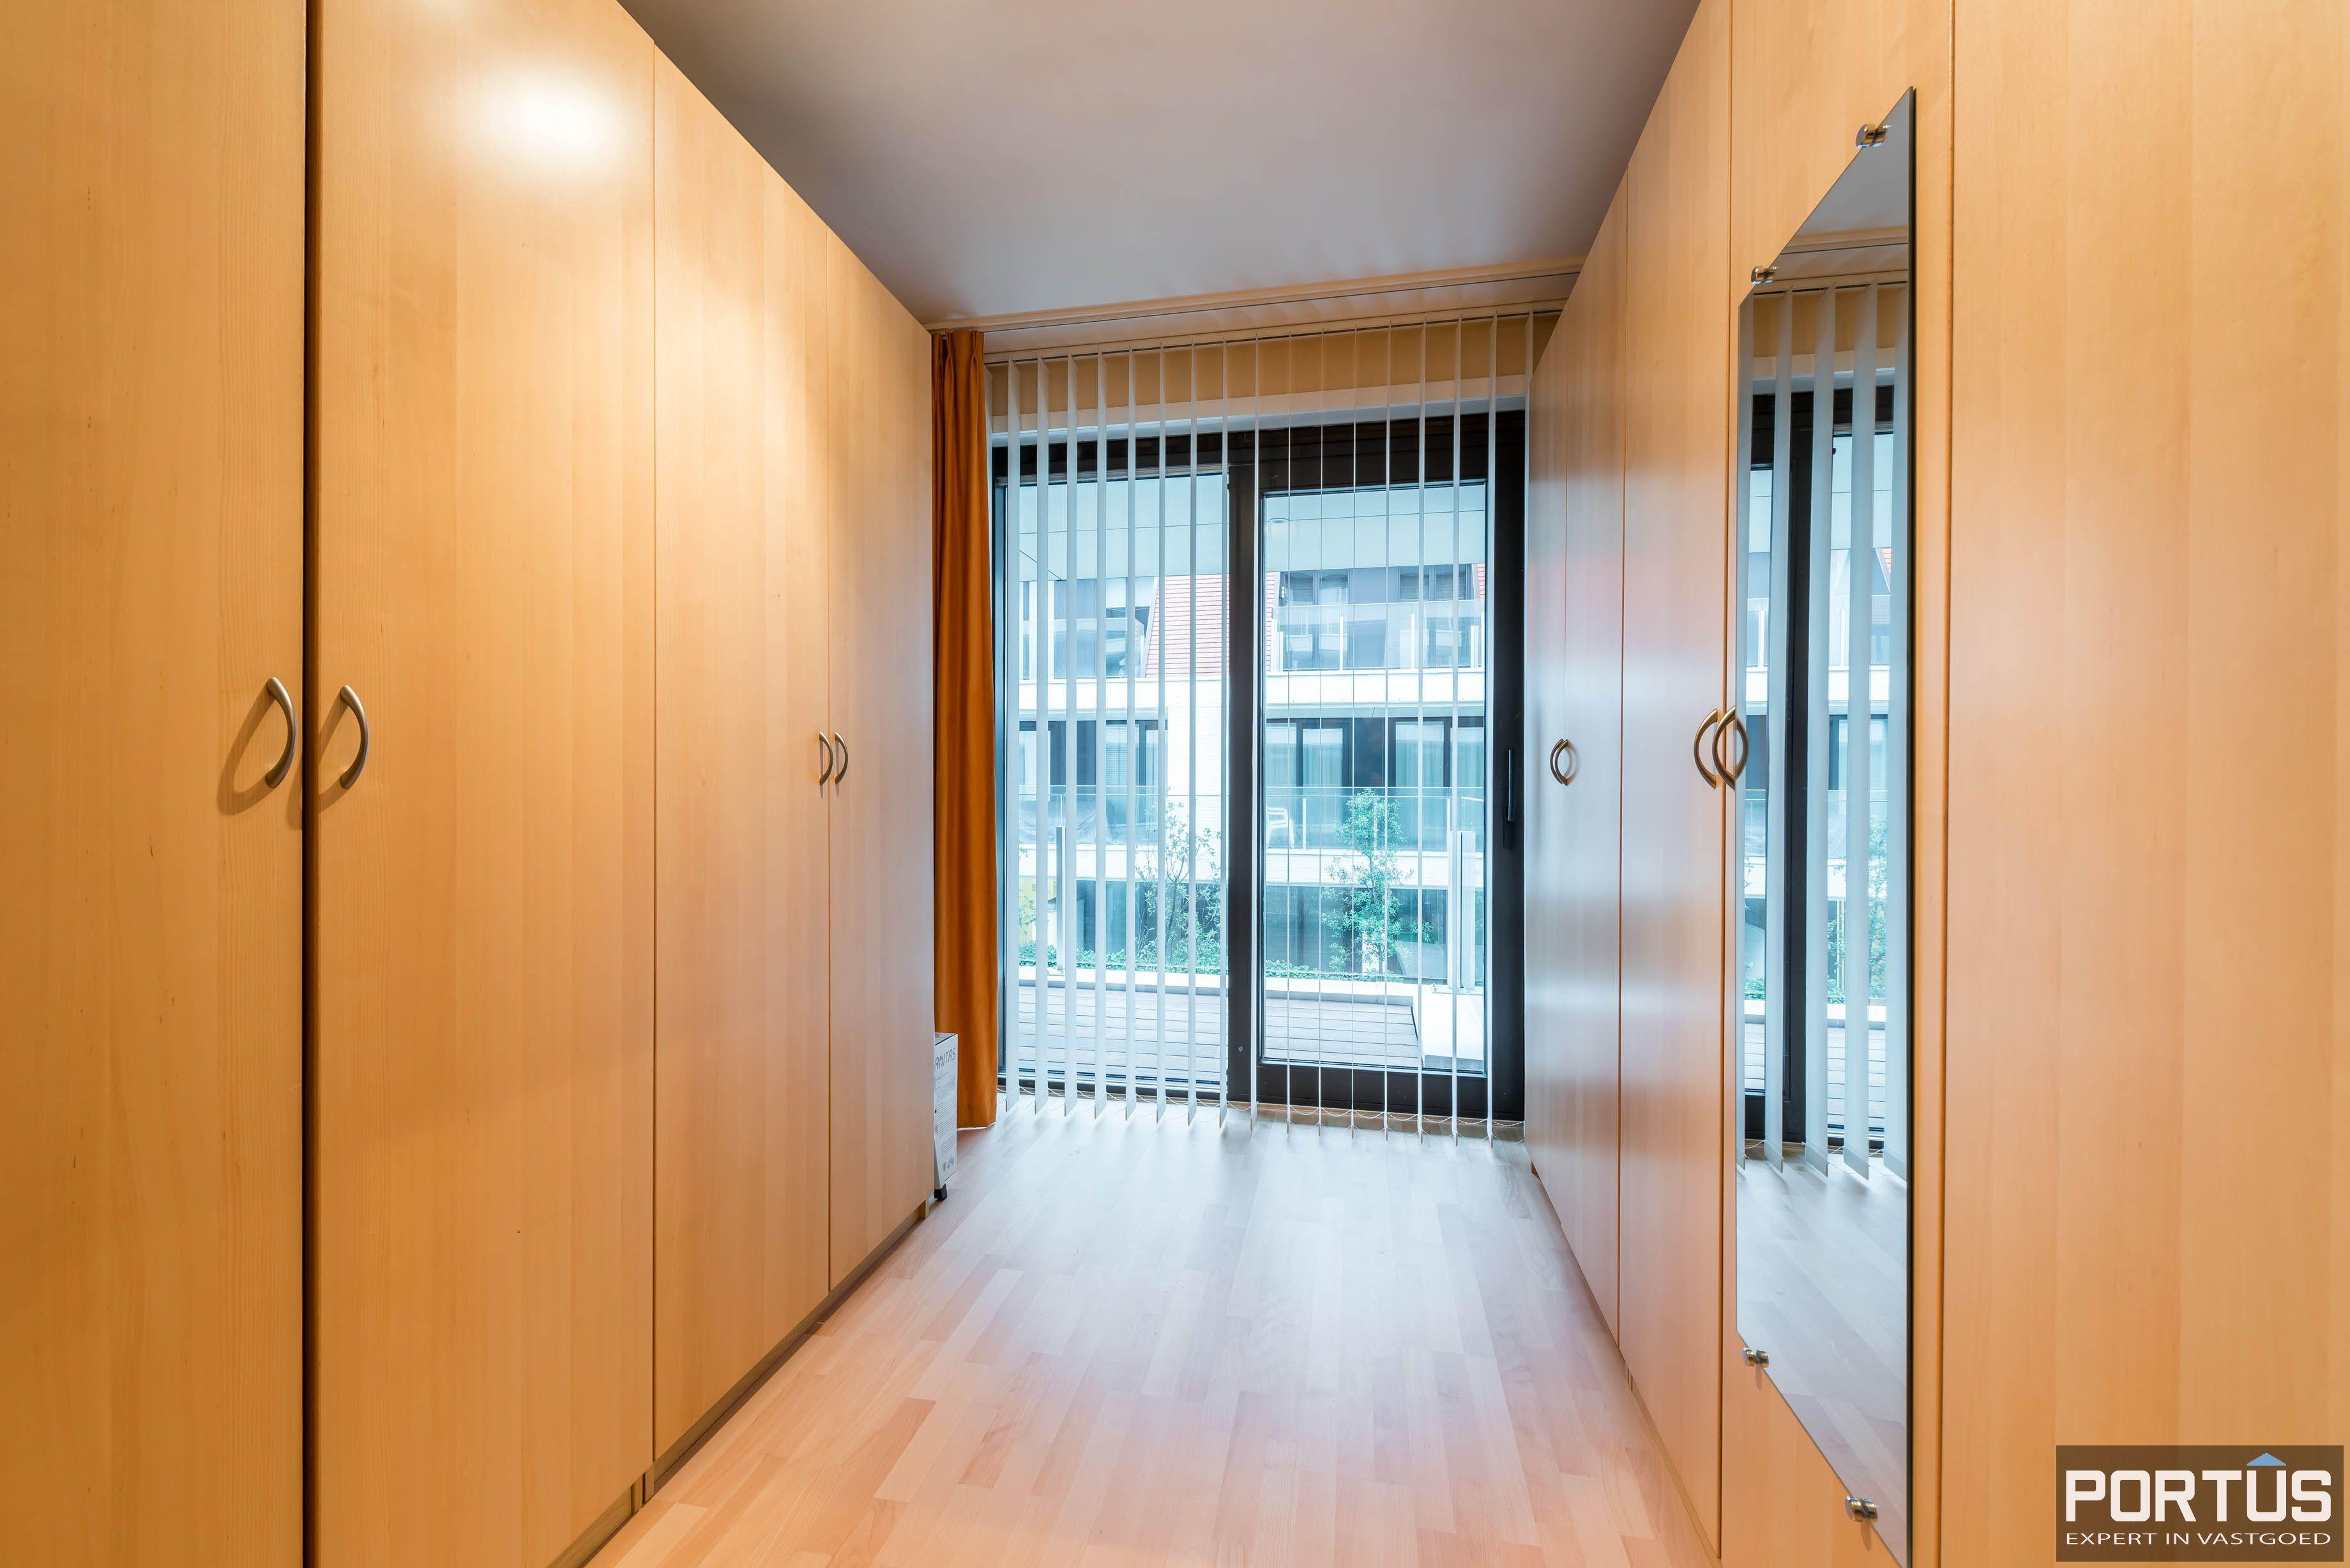 Appartement met 2 slaapkamers te koop Nieuwpoort - 5555